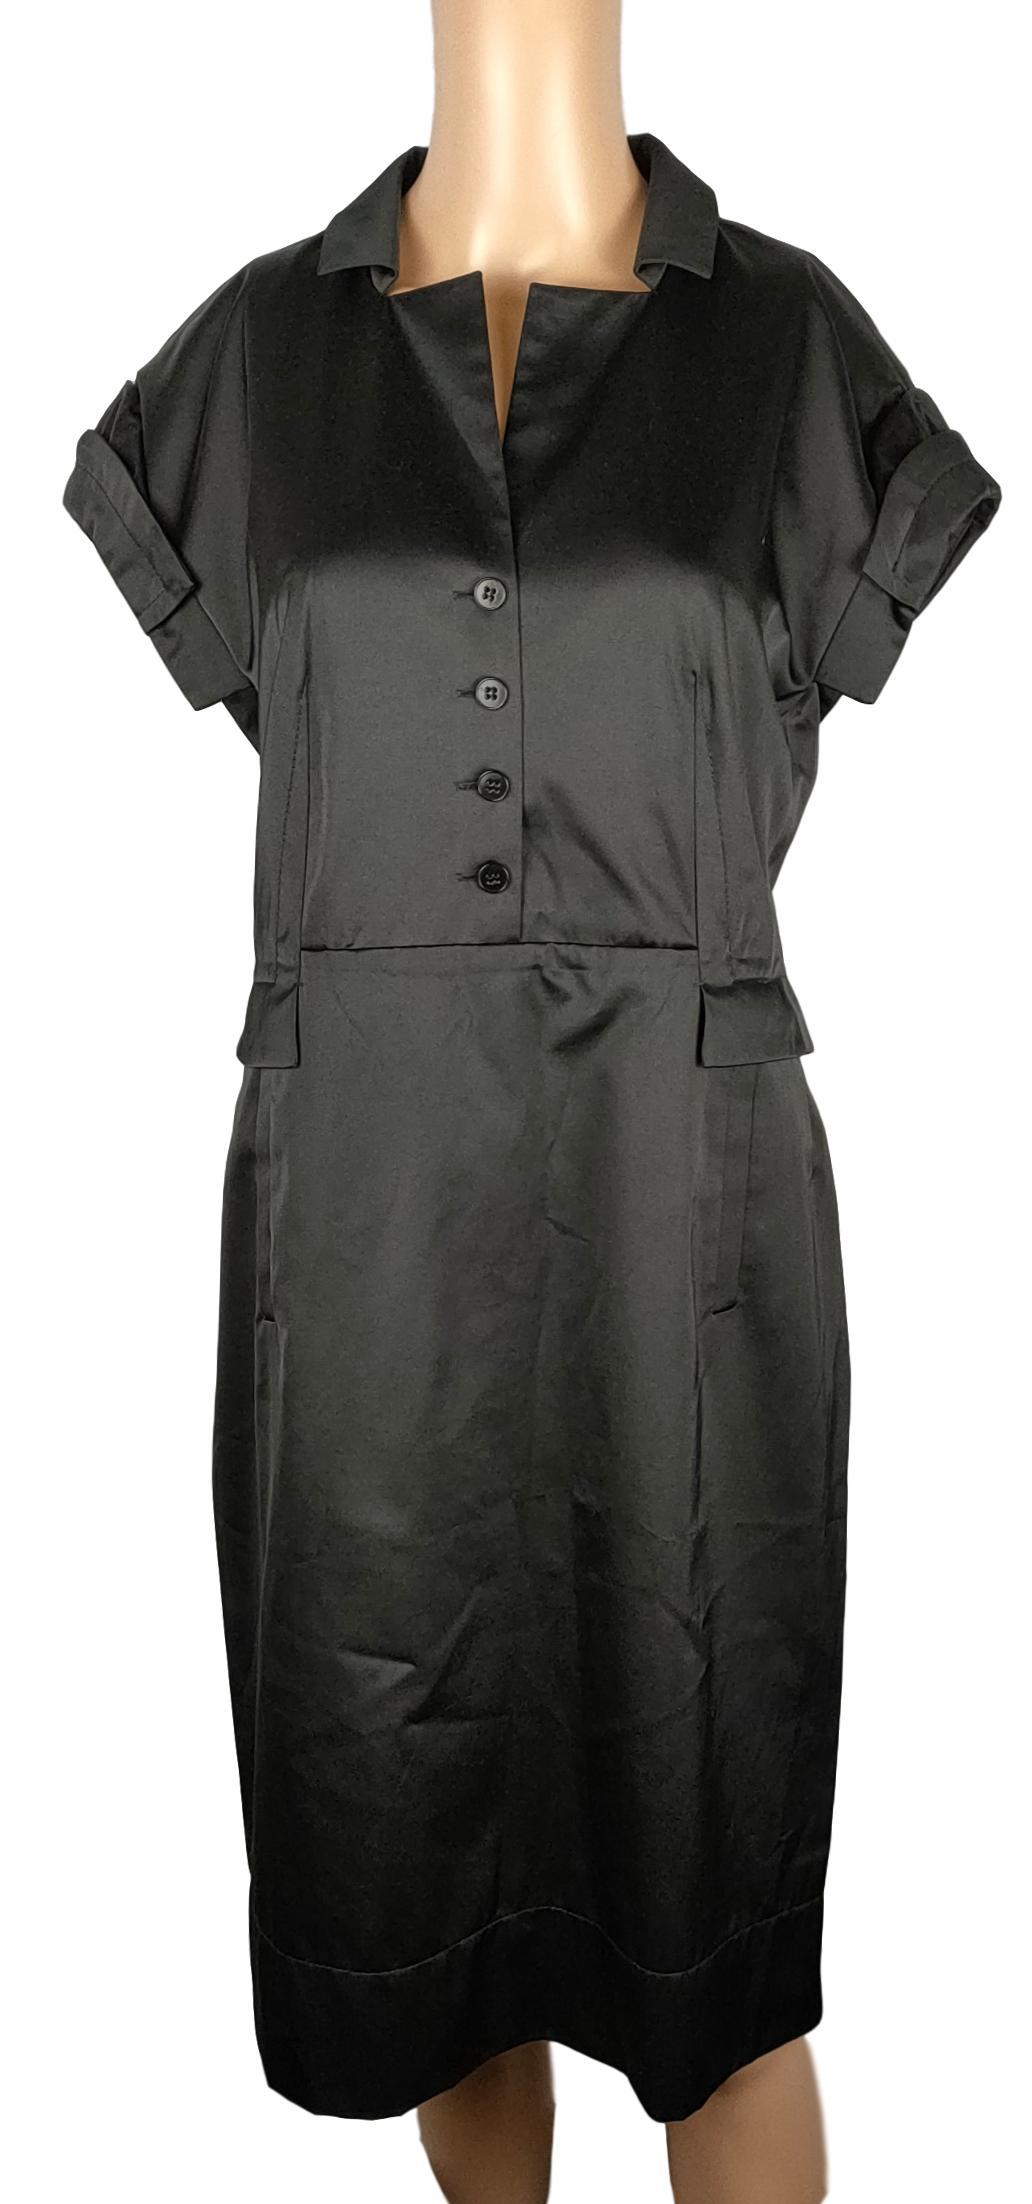 Robe Hugo Boss  - taille 42